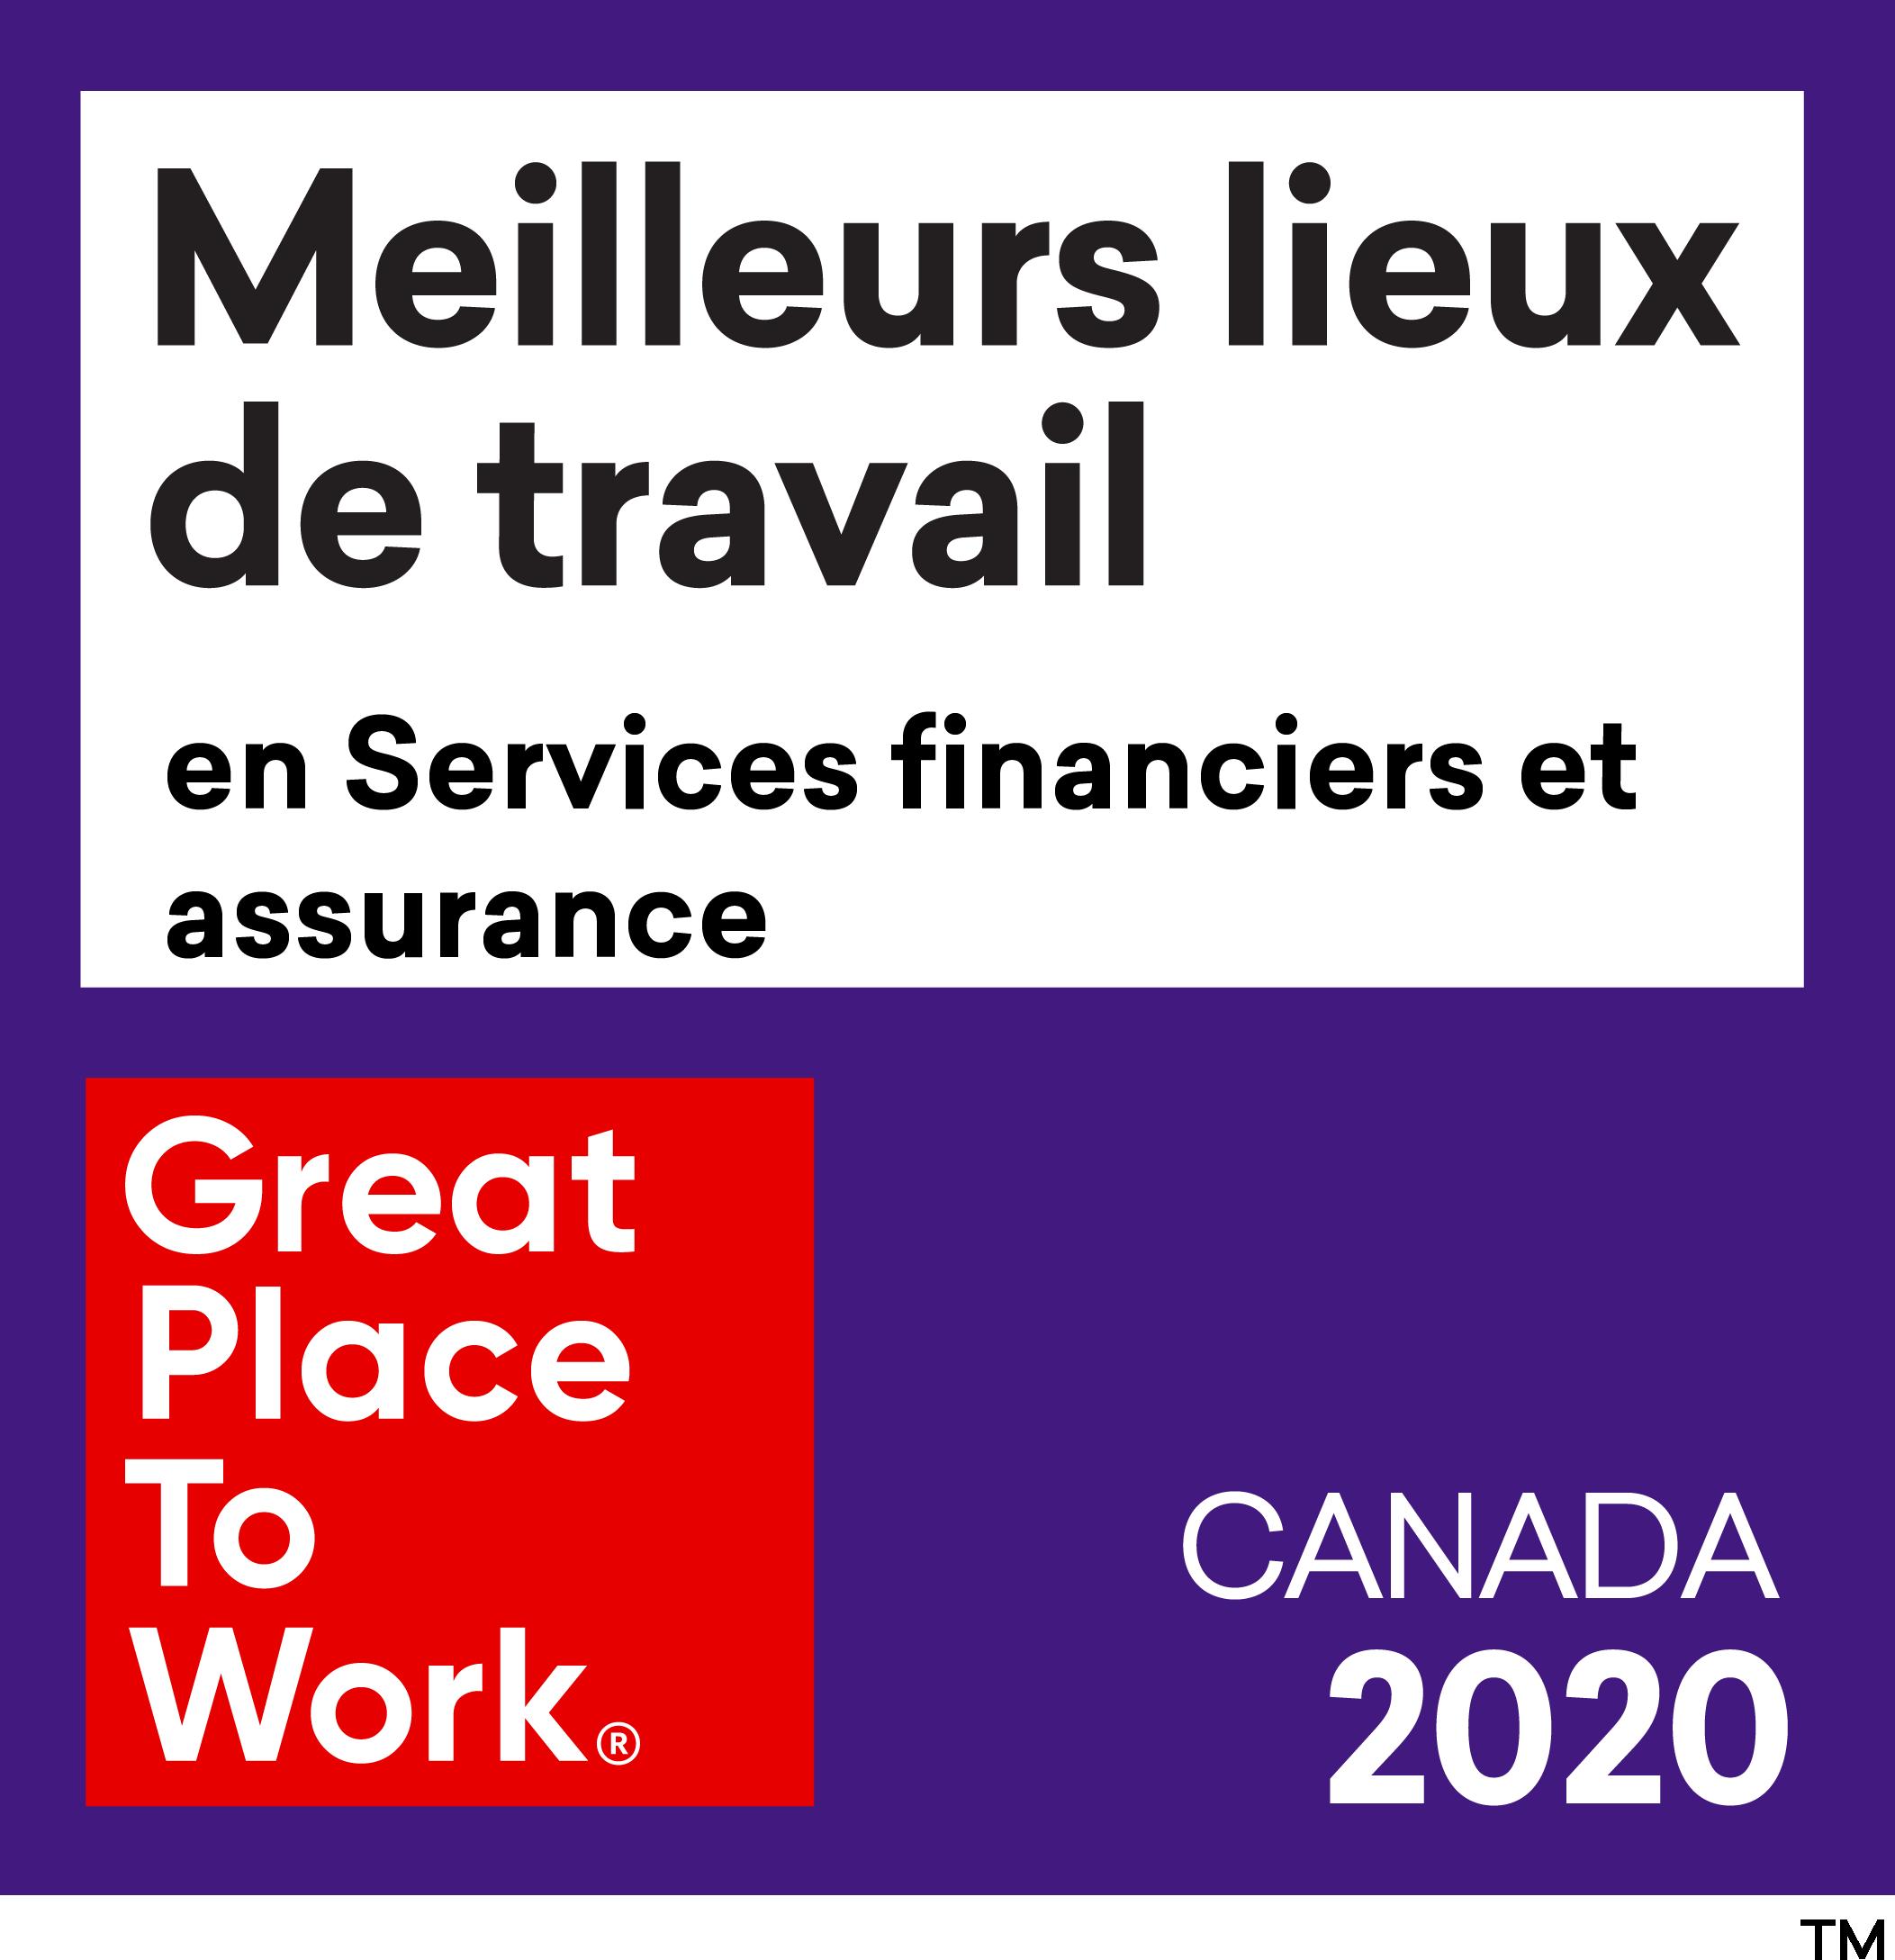 Meilleurs lieux de Travail en Services Financiers et assurance. Great Place To Work. Canada 2020.